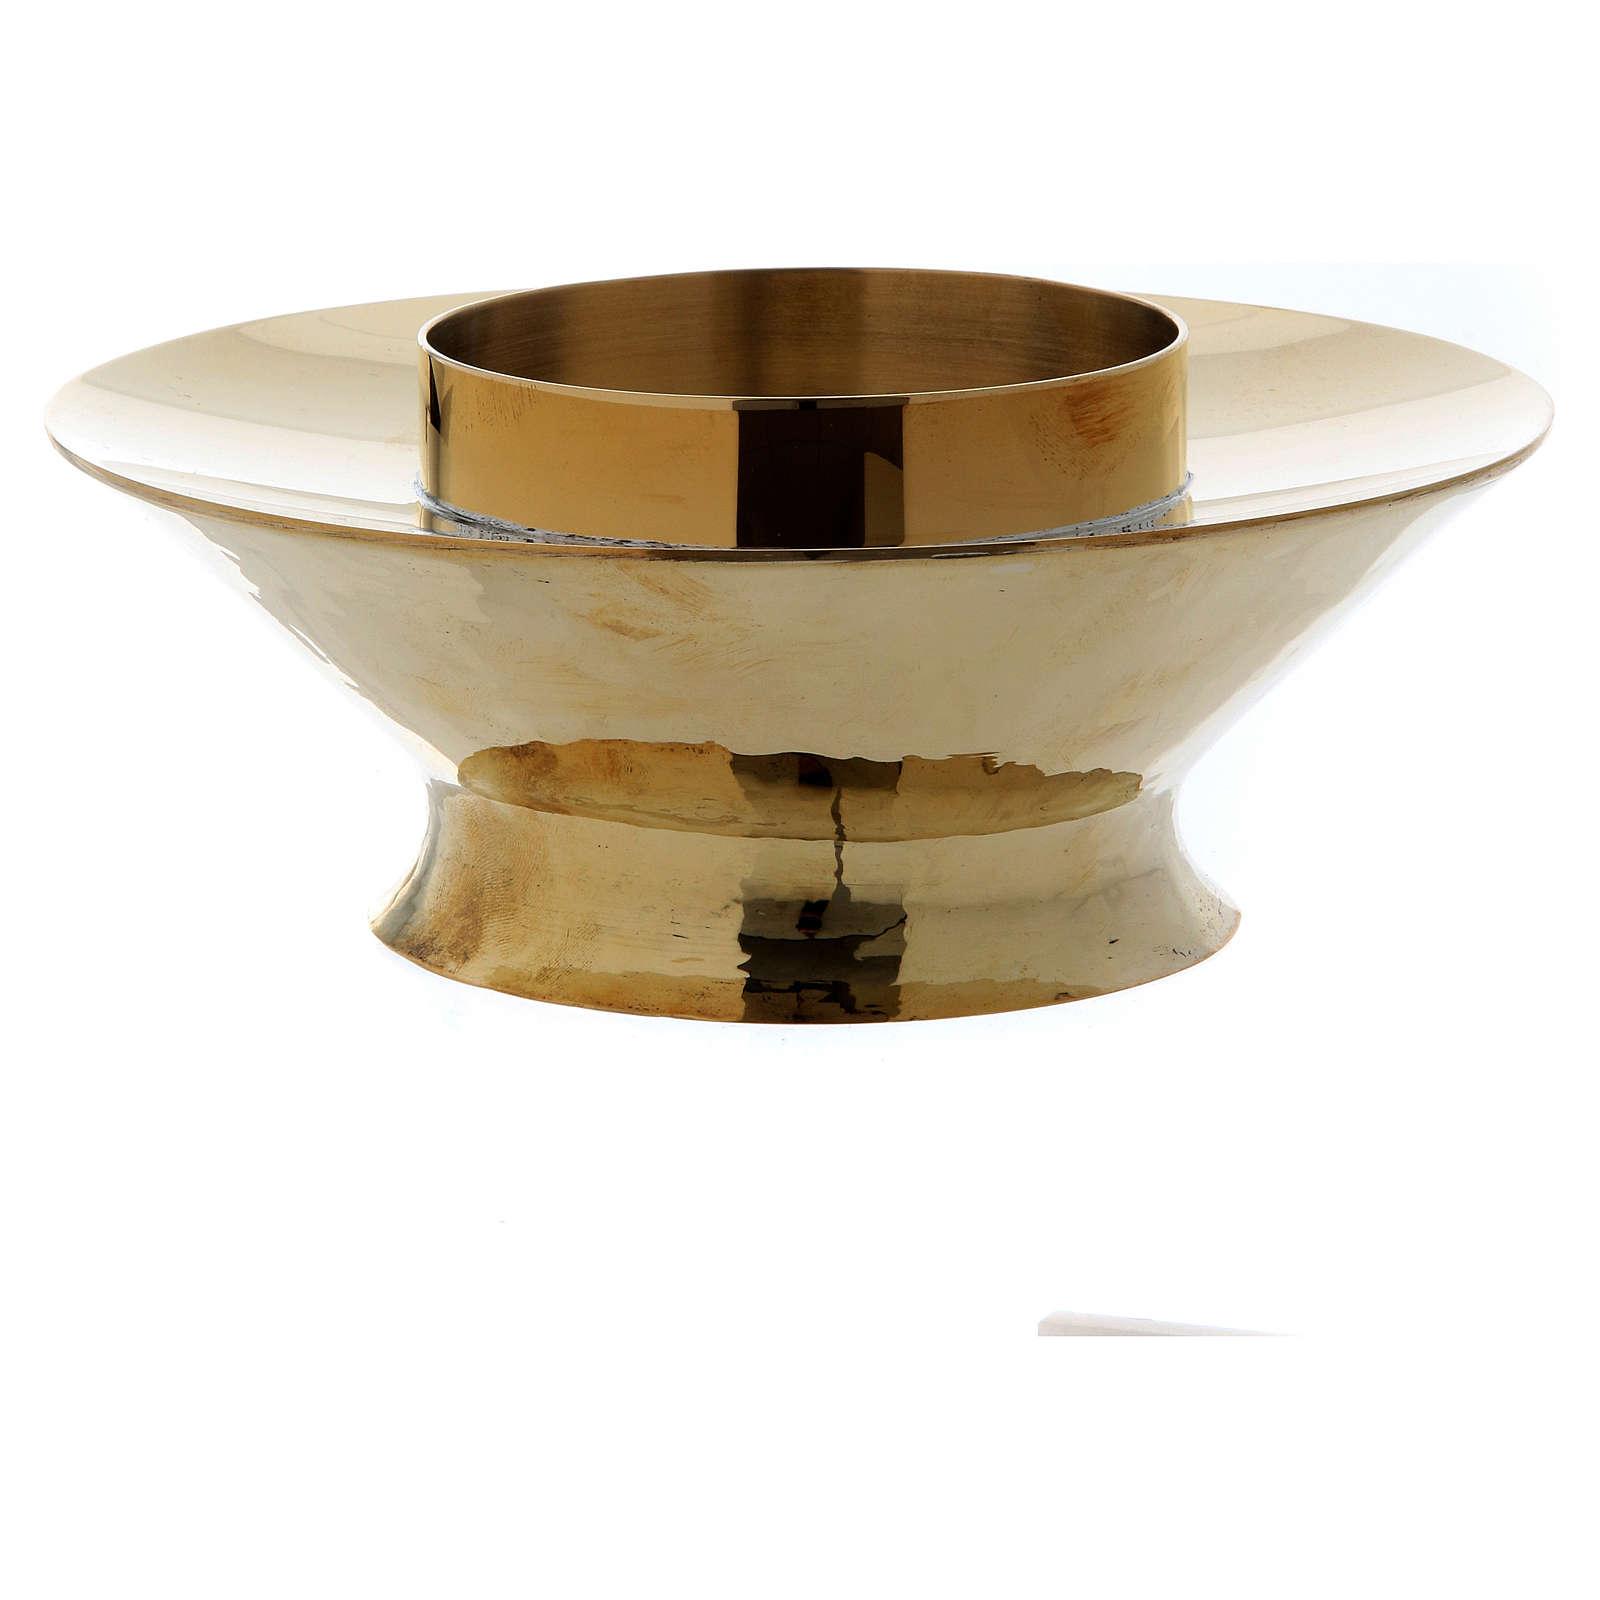 Lampka eucharystyczna do Najświętszego Sakramentu model Vitrum mosiądz szkło 3